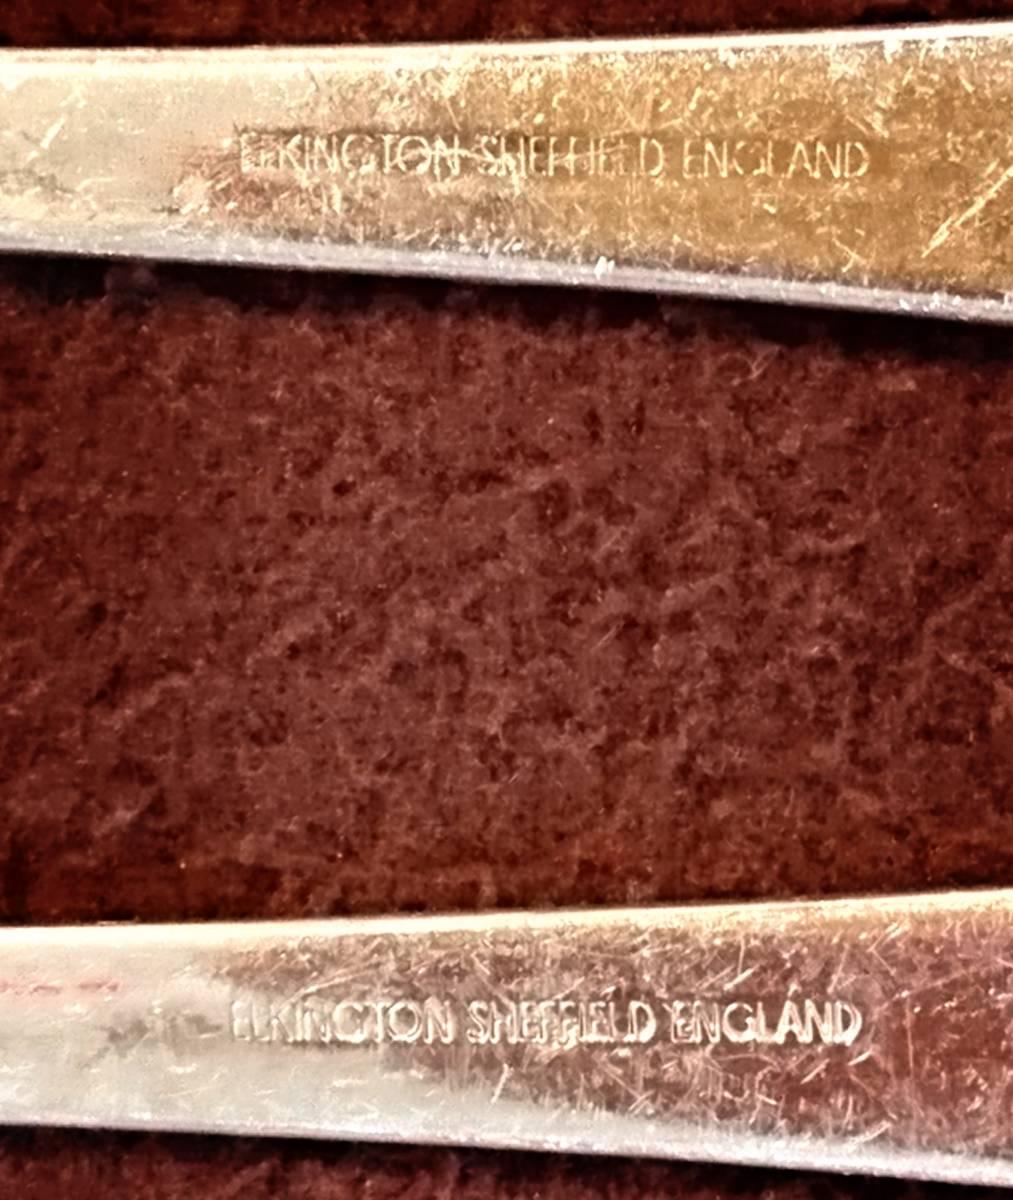 レトロ シェフィールド イギリス ヴィンテージ フォーク・セット 5本 エルキントン社製_画像10